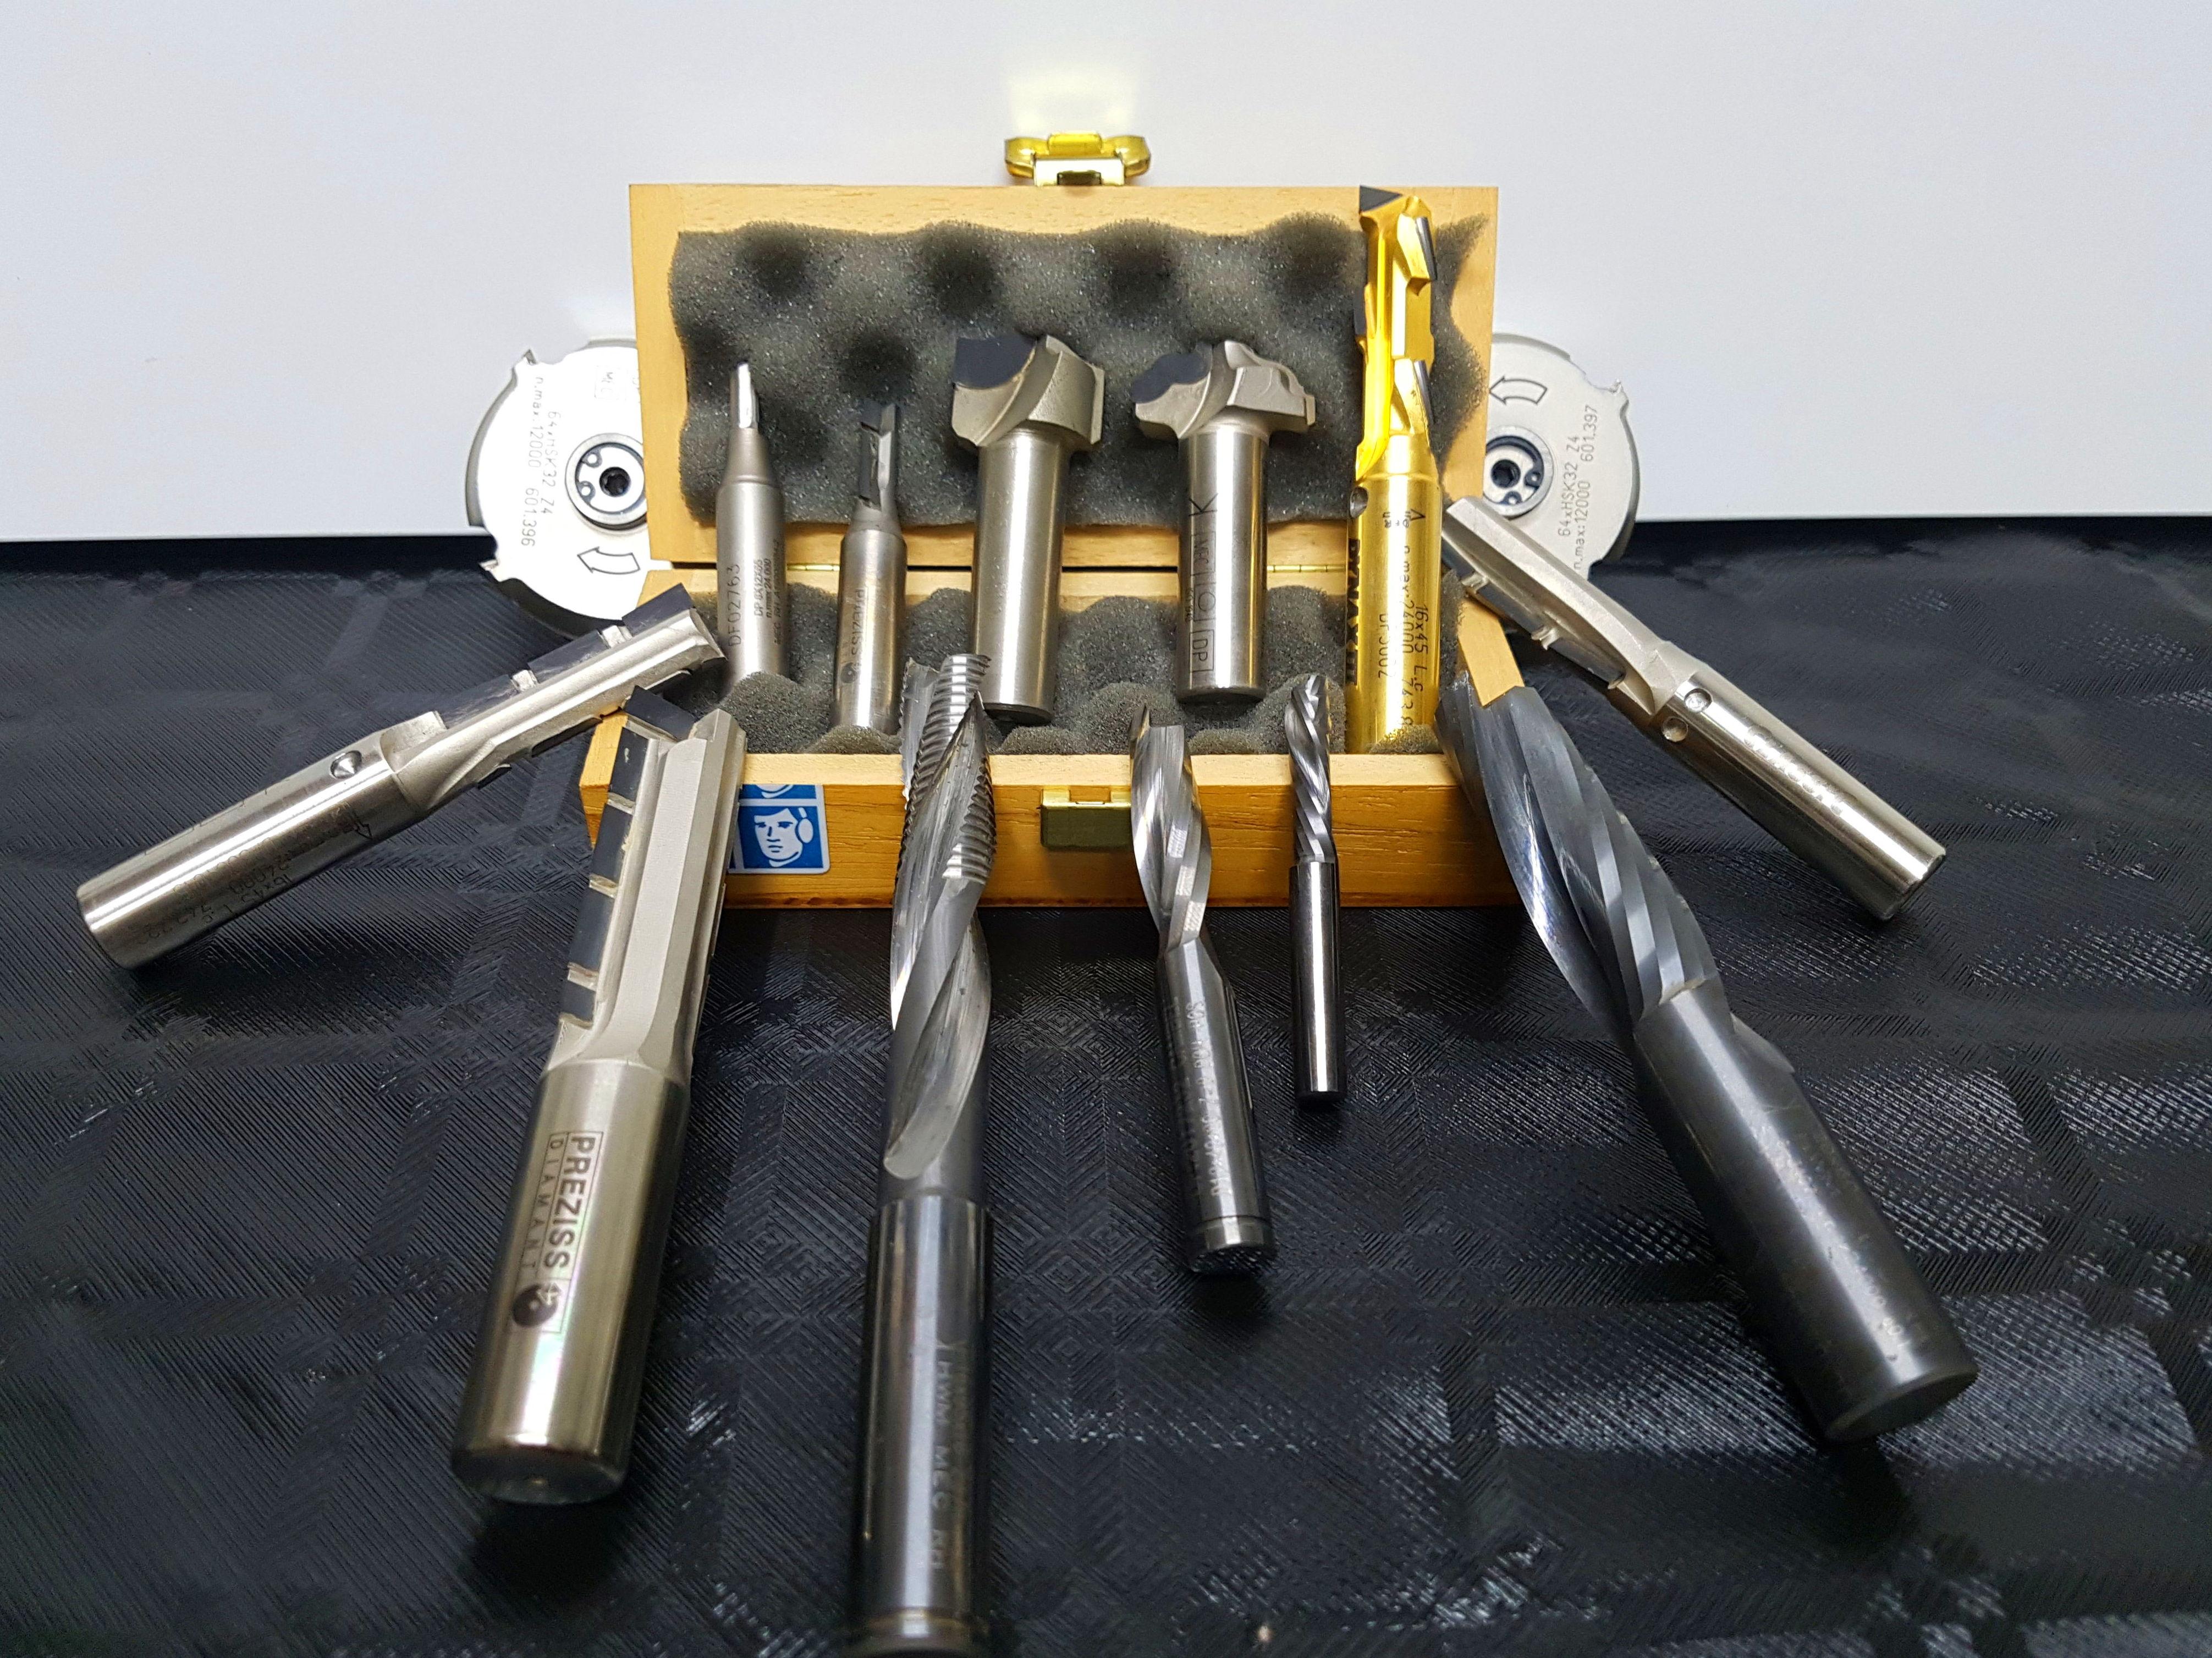 Foto 31 de Venta de herramientas en  | Comercial Cambel